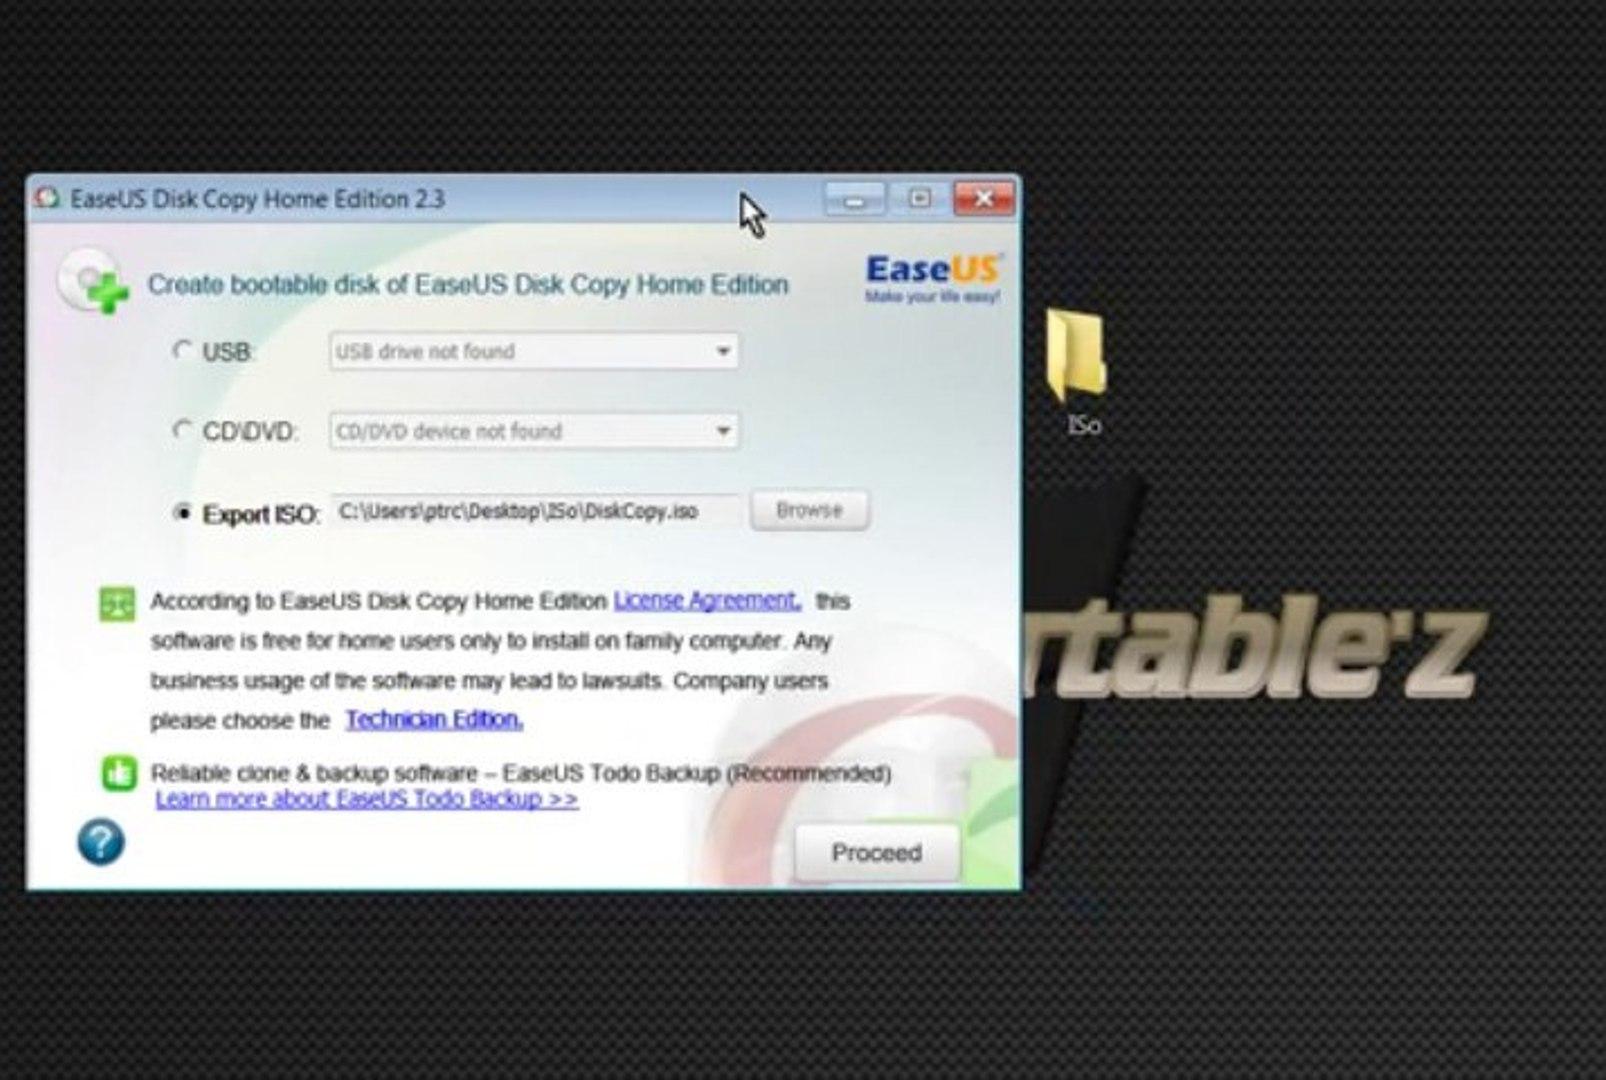 EaseUS Disk Copy 2 3 1 Home Edition_portable